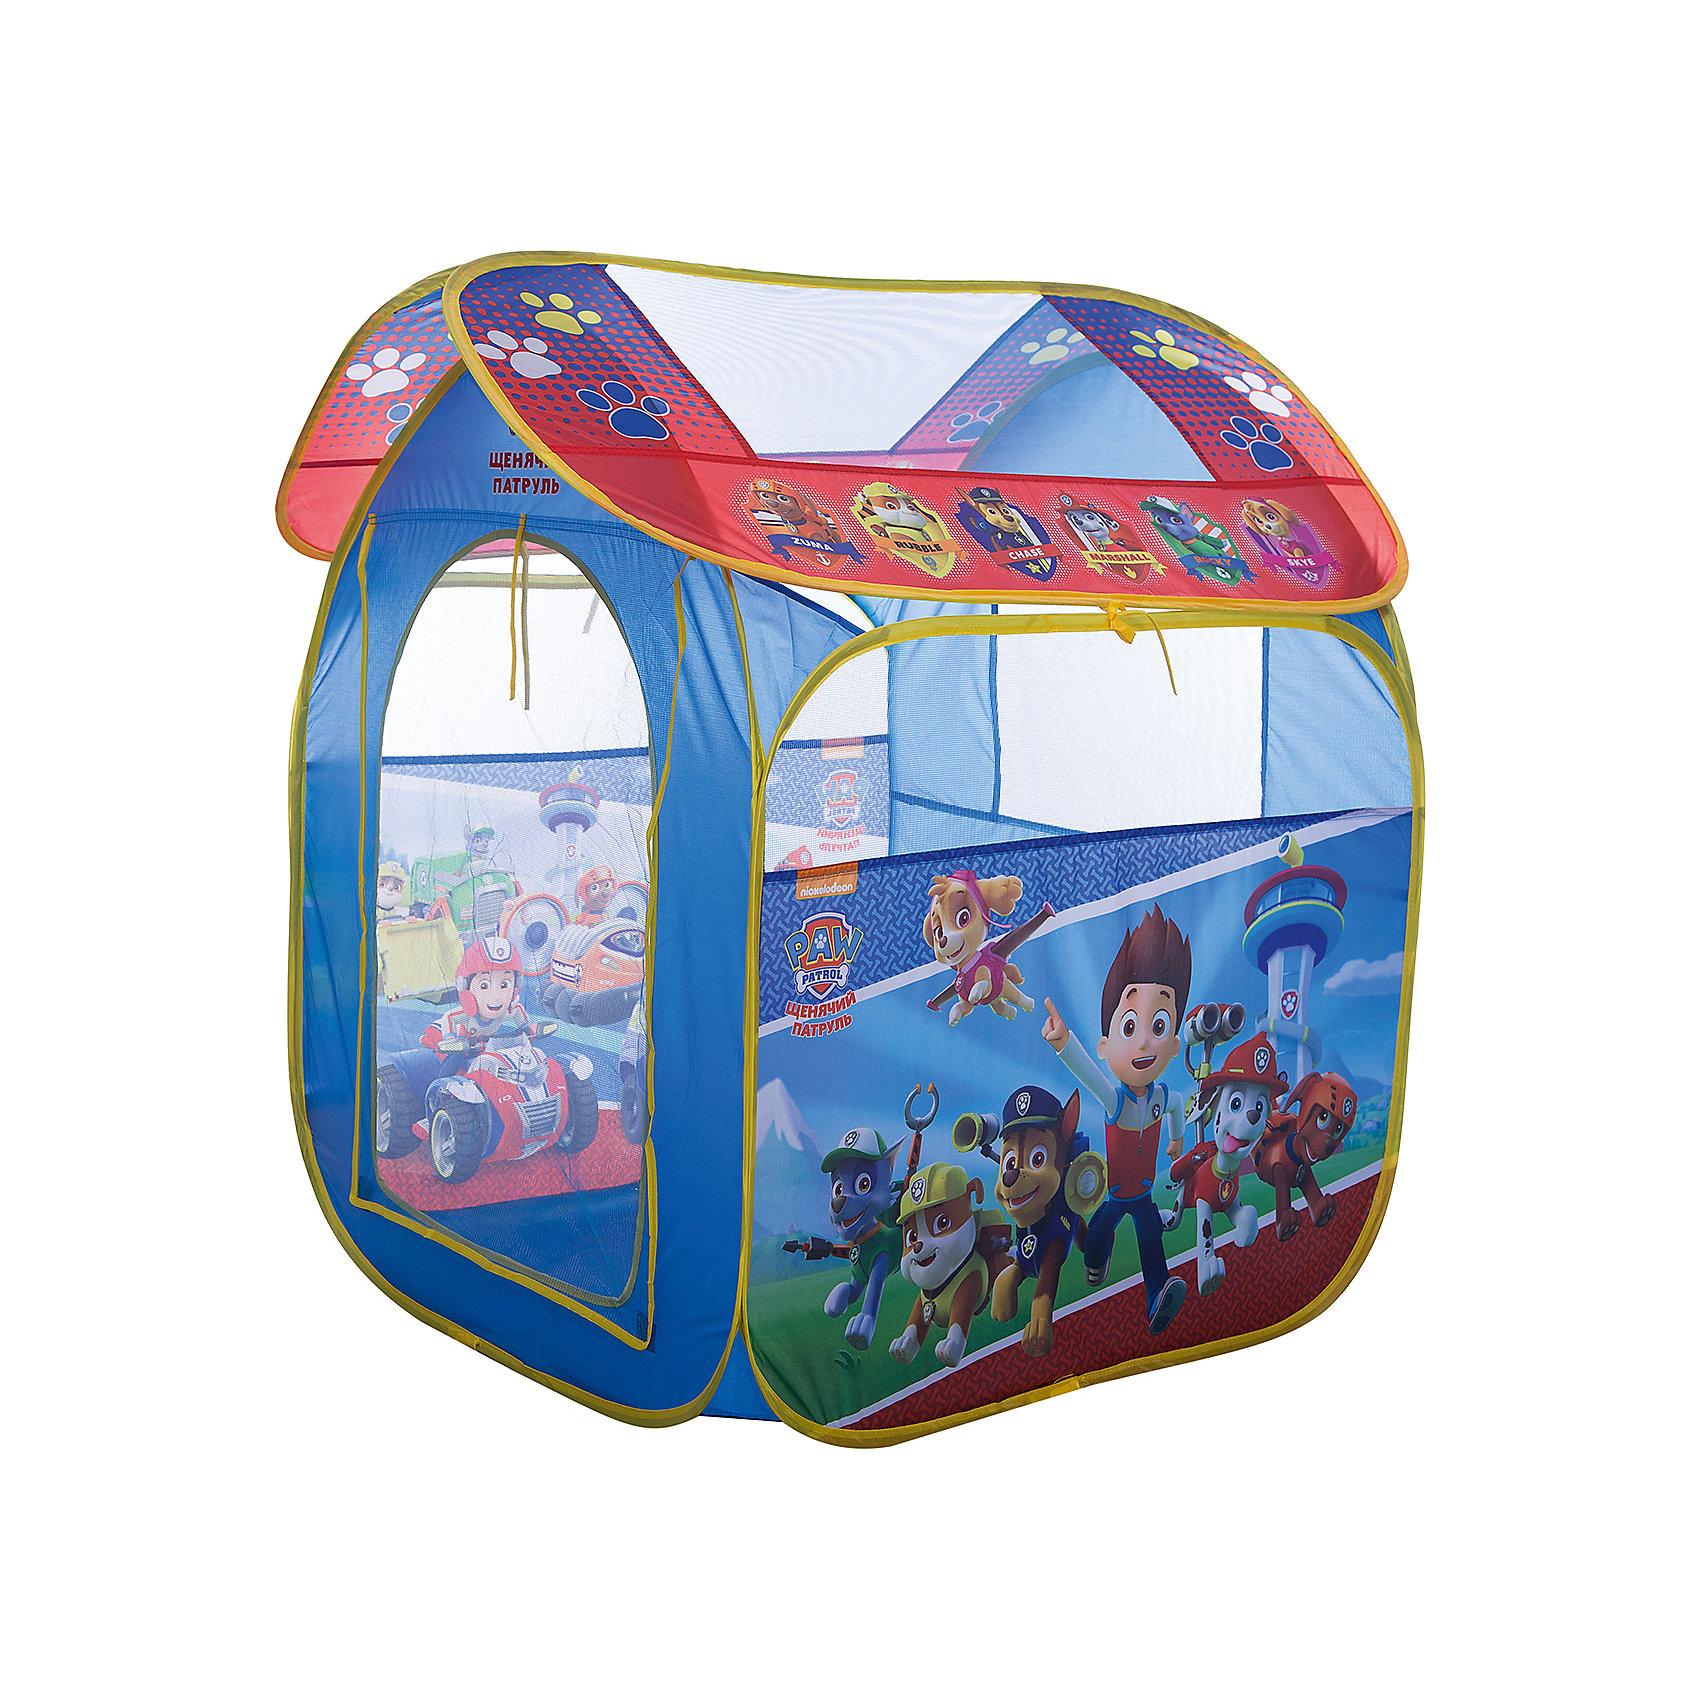 Игровая палатка  Щенячий патруль, 83*100*80 см, РосмэнИгровые центры<br>Характеристики:<br><br>• для детей в возрасте: от 3 лет<br>• размер: 83х100х80 см.<br>• материал: полиэстер, пластик<br>• упаковка: чехол<br>• размер упаковки: 39х39х4 см.<br>• вес: 748 гр.<br><br>Красочная игровая палатка «Щенячий патруль» предназначена для игр дома и на улице. Она состоит из 2 частей (основного корпуса и крыши), каждая из которых оснащена сетчатыми окошками для вентиляции. Входной полог закрывается на липучки. На две стороны и крышу нанесены изображения любимых персонажей. <br><br>Благодаря удобному самораскладывающемуся каркасу, палатку можно легко и быстро складывать и раскладывать. В сложенном виде палатка компактна и не занимает много места. Палатка изготовлена из полиэстера, каркас пластиковый. Товар сертифицирован.<br><br>Игровую палатку Щенячий патруль, 83*100*80 см, Росмэн можно купить в нашем интернет-магазине.<br><br>Ширина мм: 390<br>Глубина мм: 390<br>Высота мм: 55<br>Вес г: 748<br>Возраст от месяцев: 36<br>Возраст до месяцев: 2147483647<br>Пол: Мужской<br>Возраст: Детский<br>SKU: 6724881